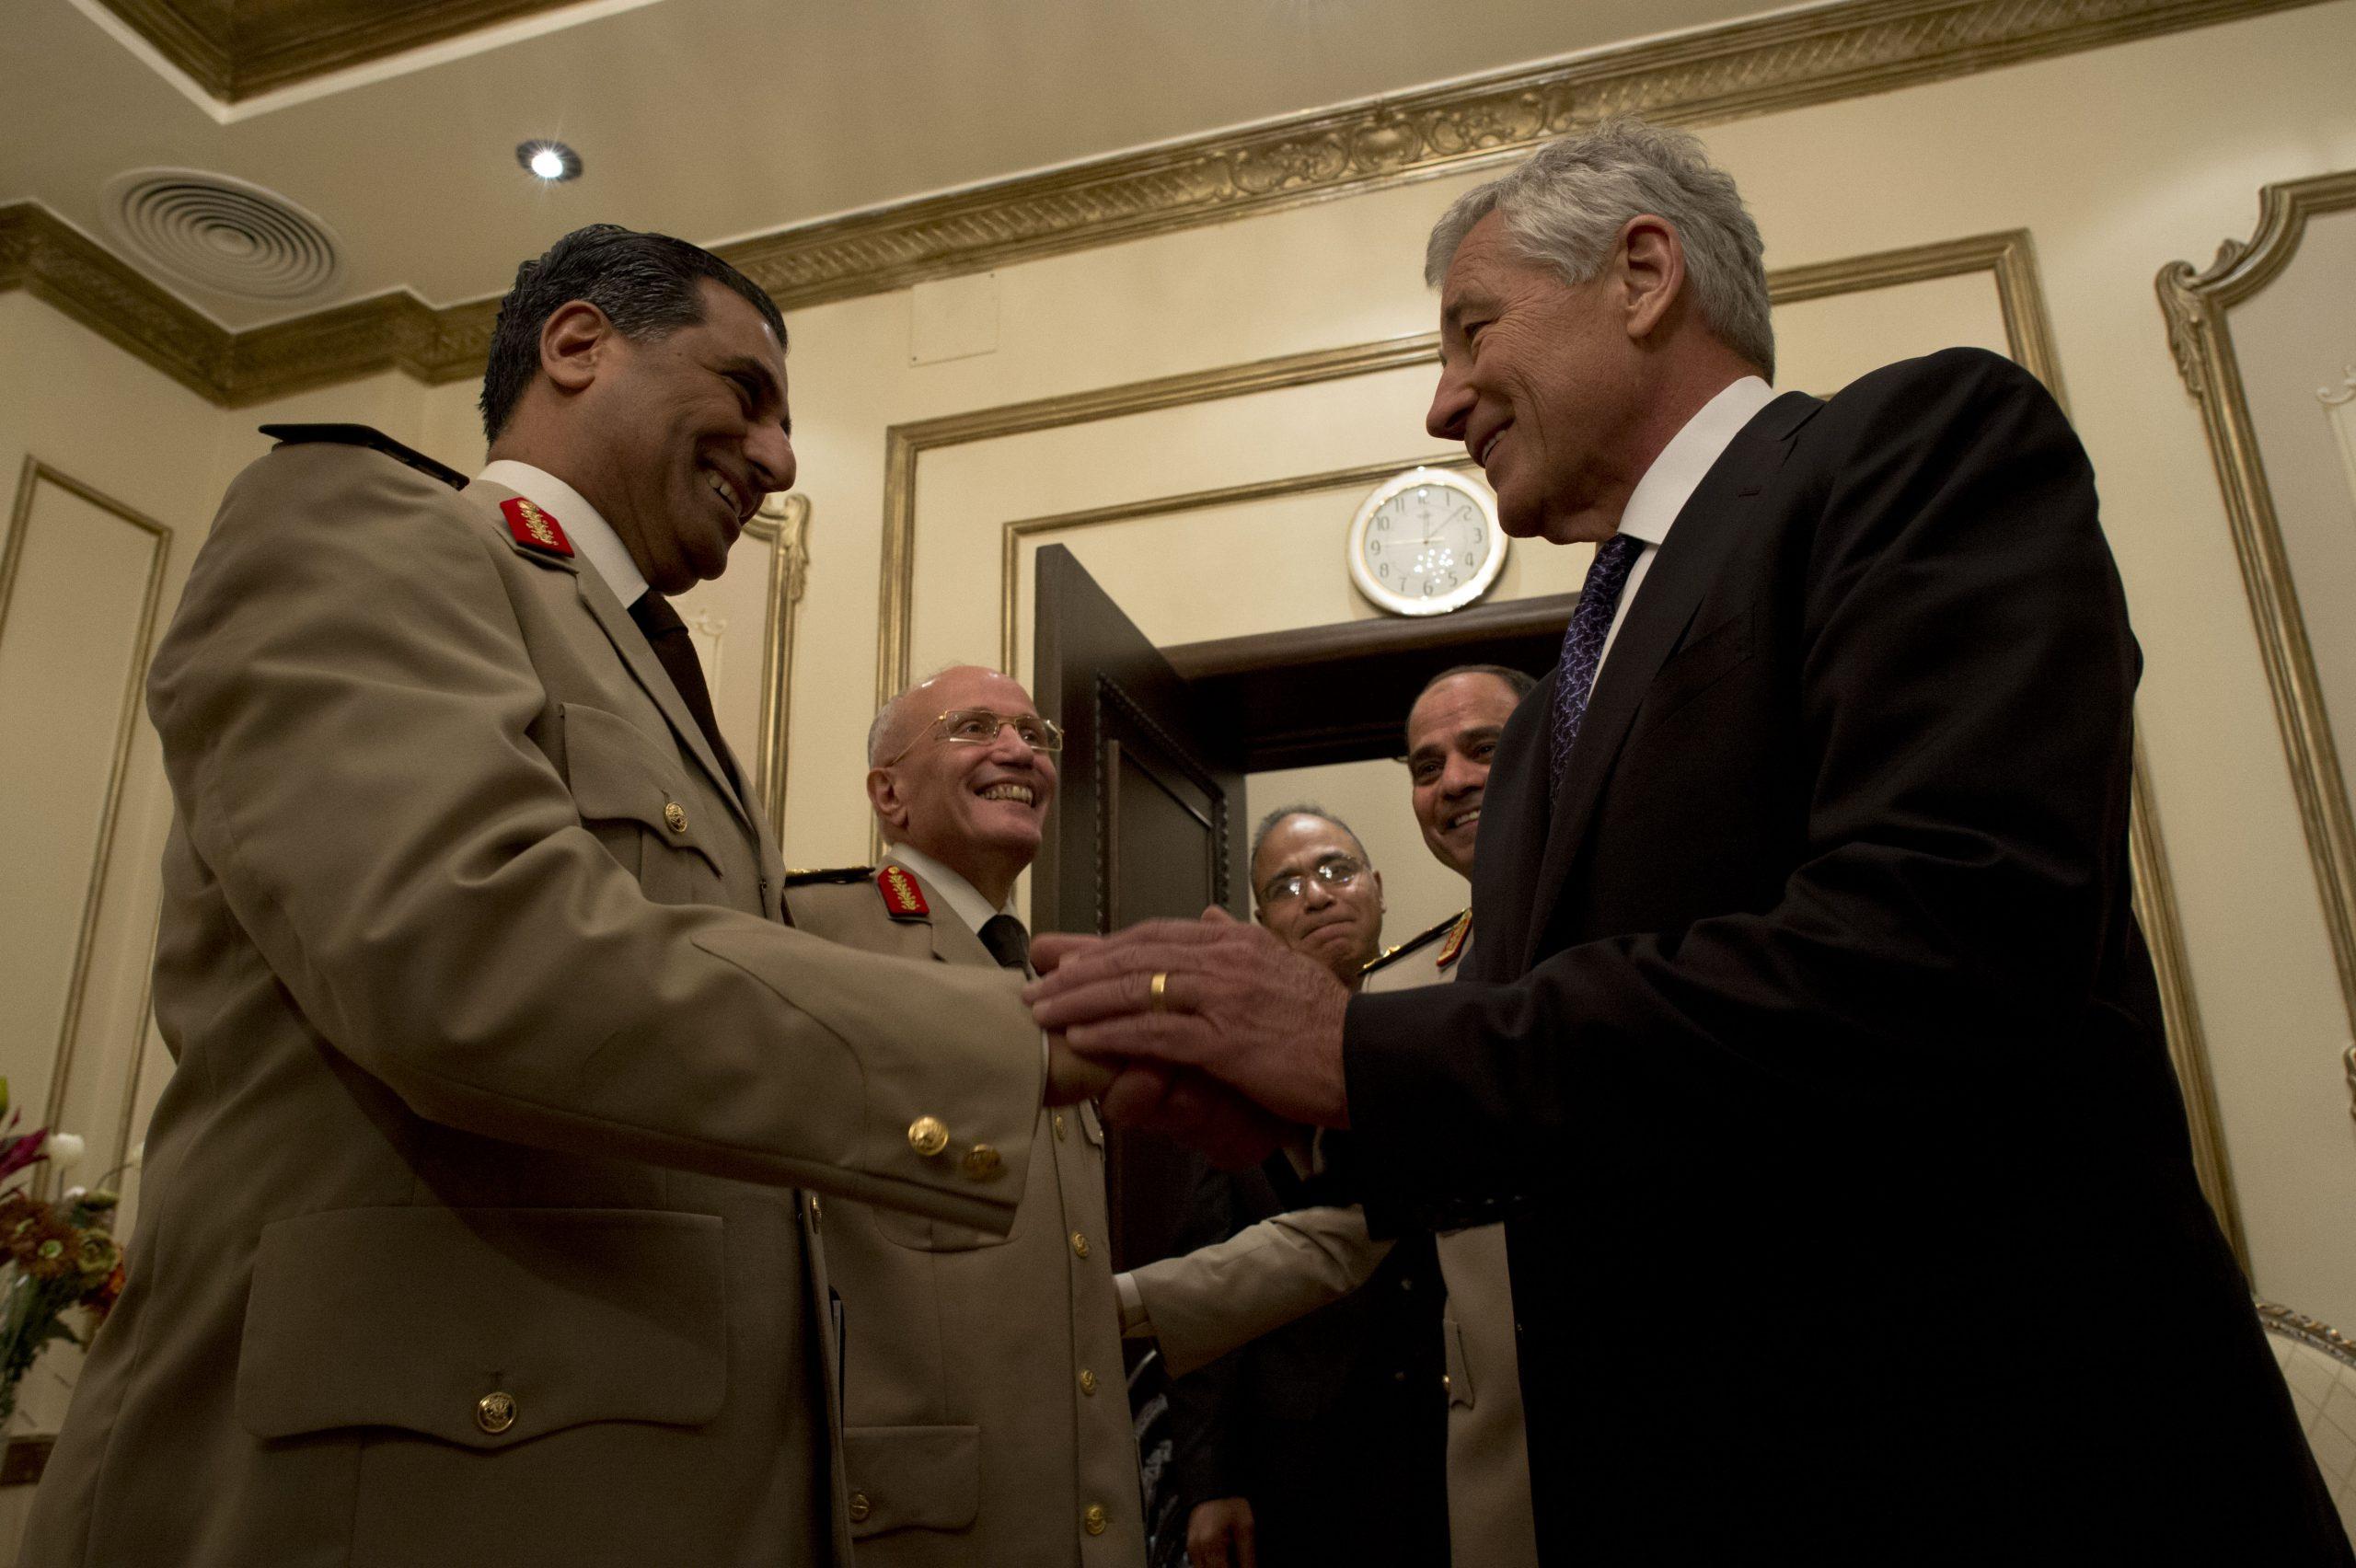 اللواء فؤاد عبد الحليم (يسار) مع وزير الدفاع الأمريكي تشاك هاجل، في زيارة الأخير لمصر في 24 أبريل (نيسان) 2013